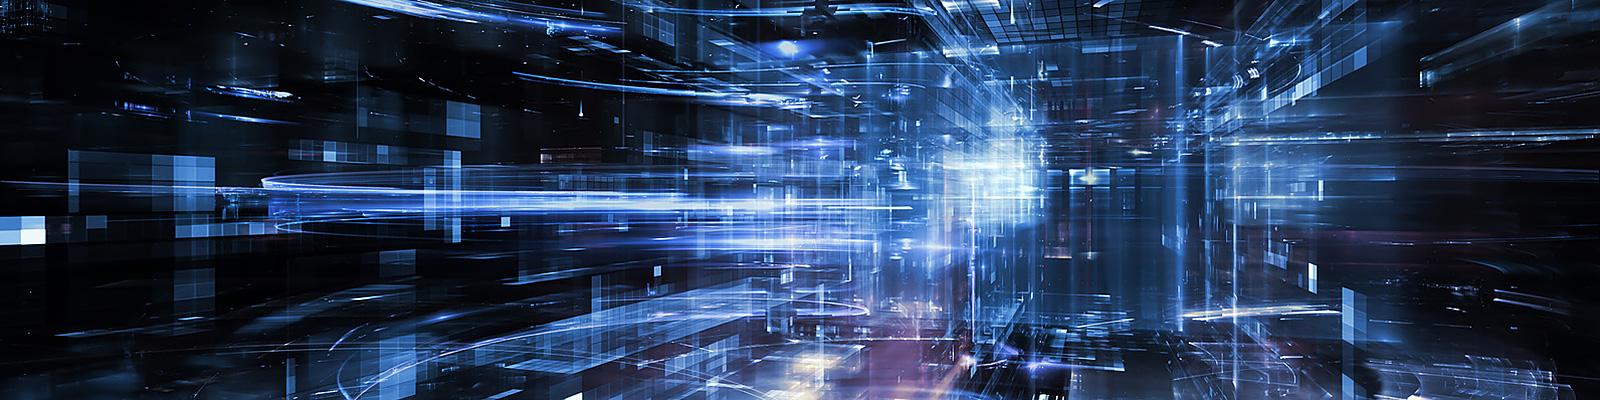 データセンター イメージ